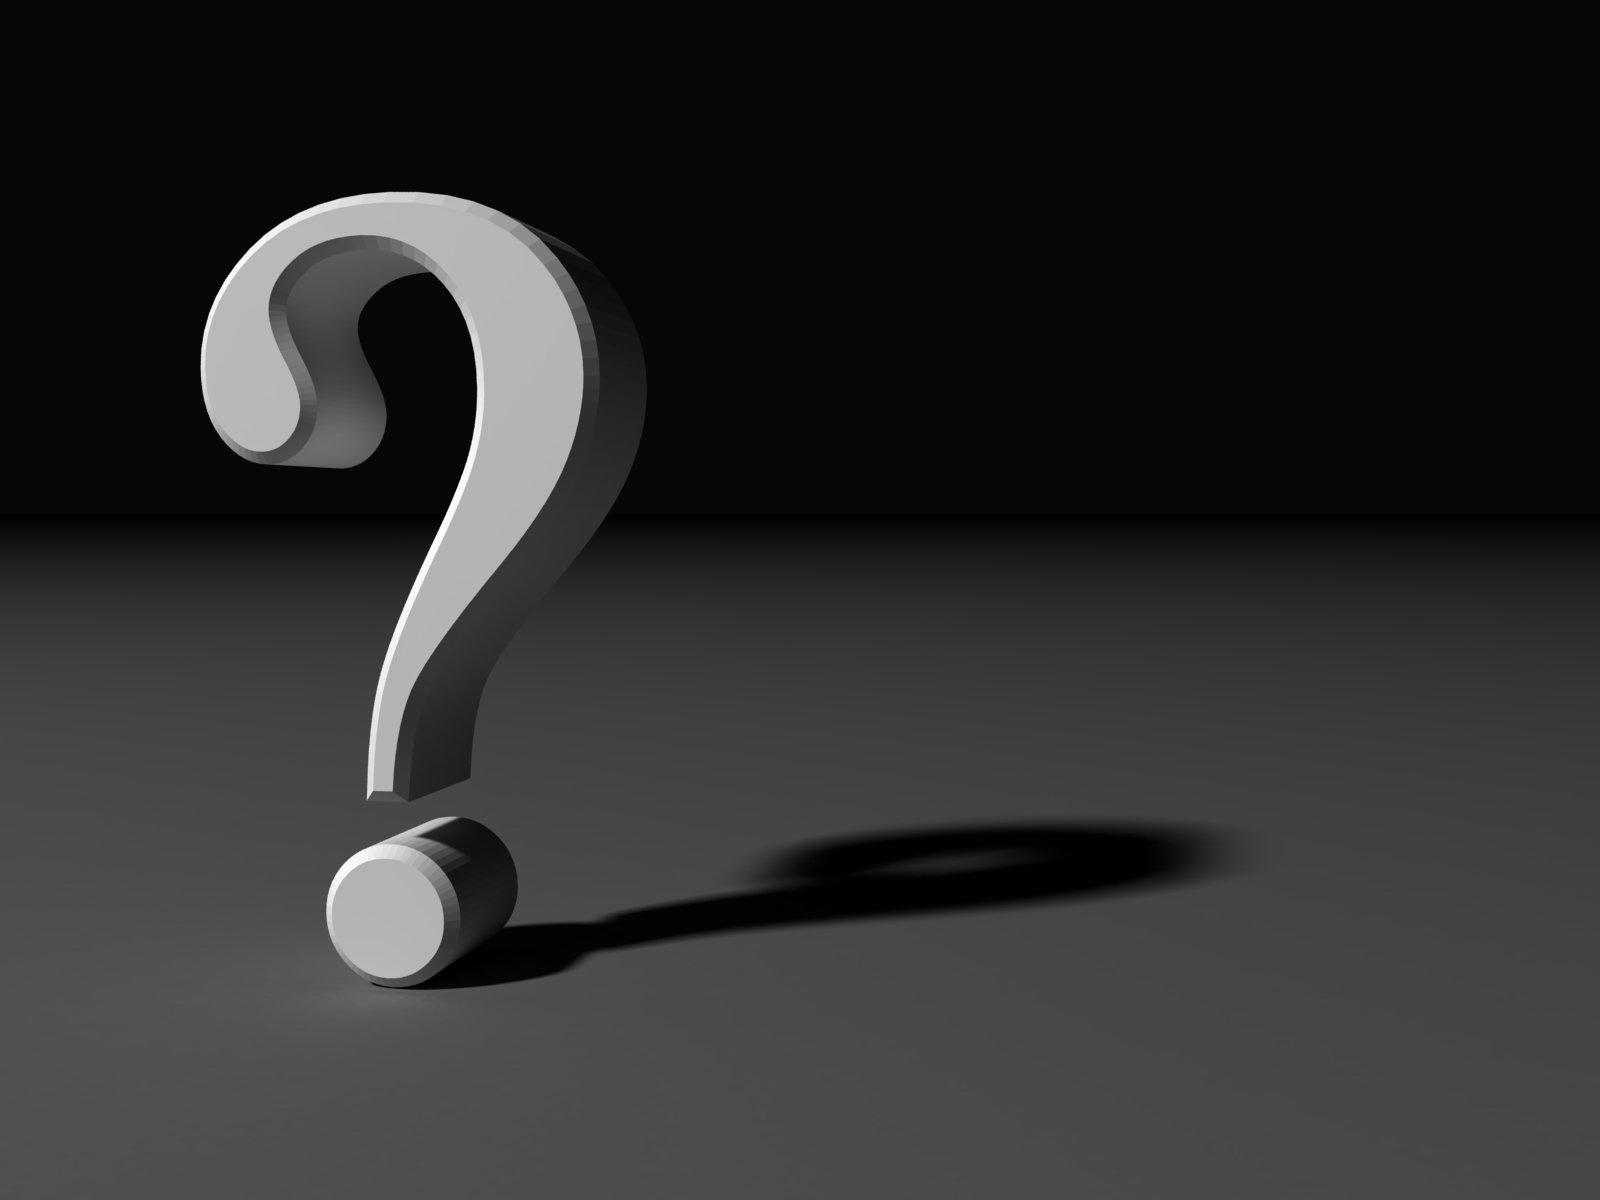 Arsenico e vecchi rossetti un grande punto interrogativo for Decor questions